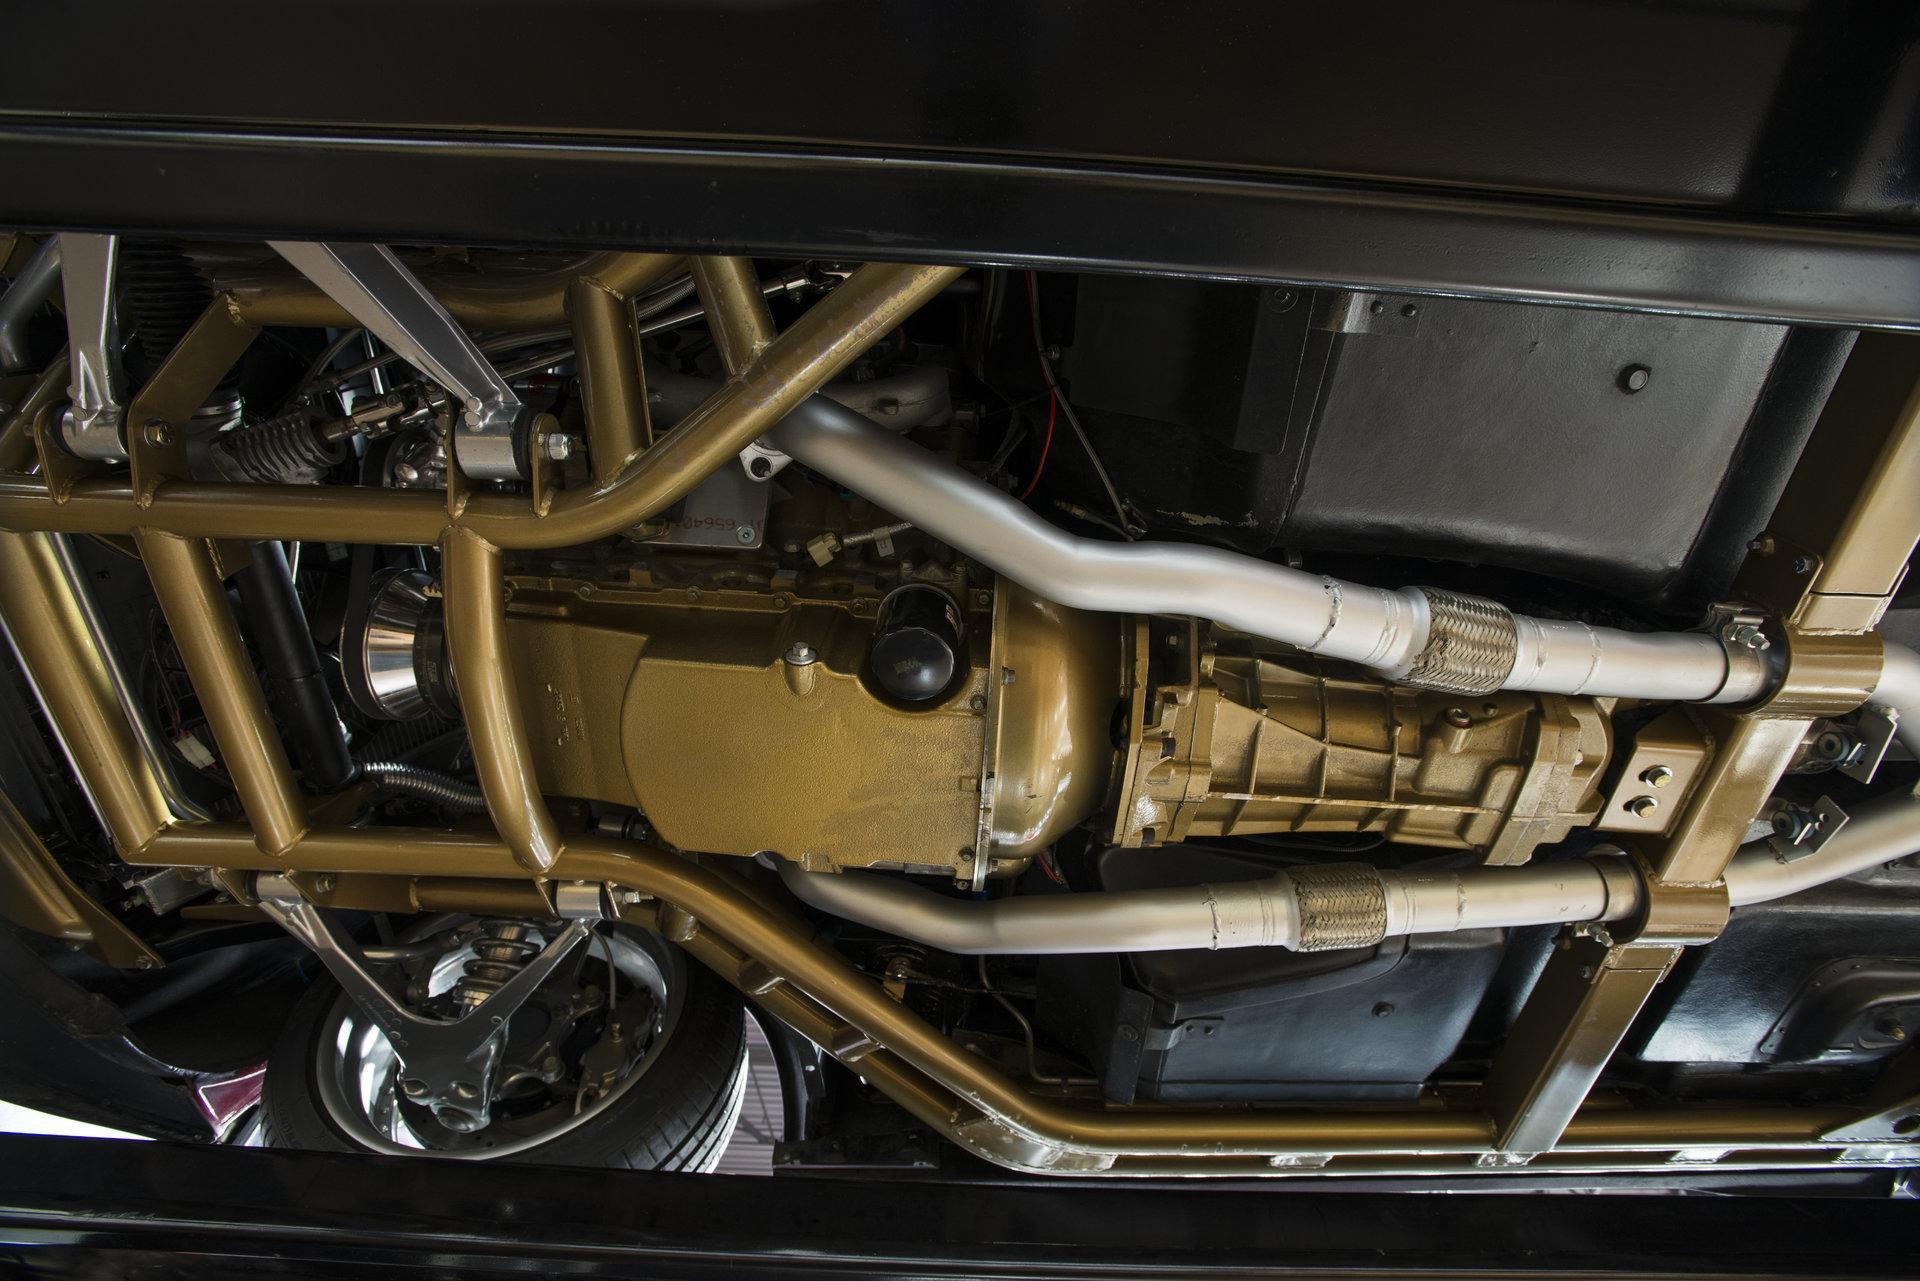 1972 Chevrolet Corvette1972 Chevrolet Corvette #62